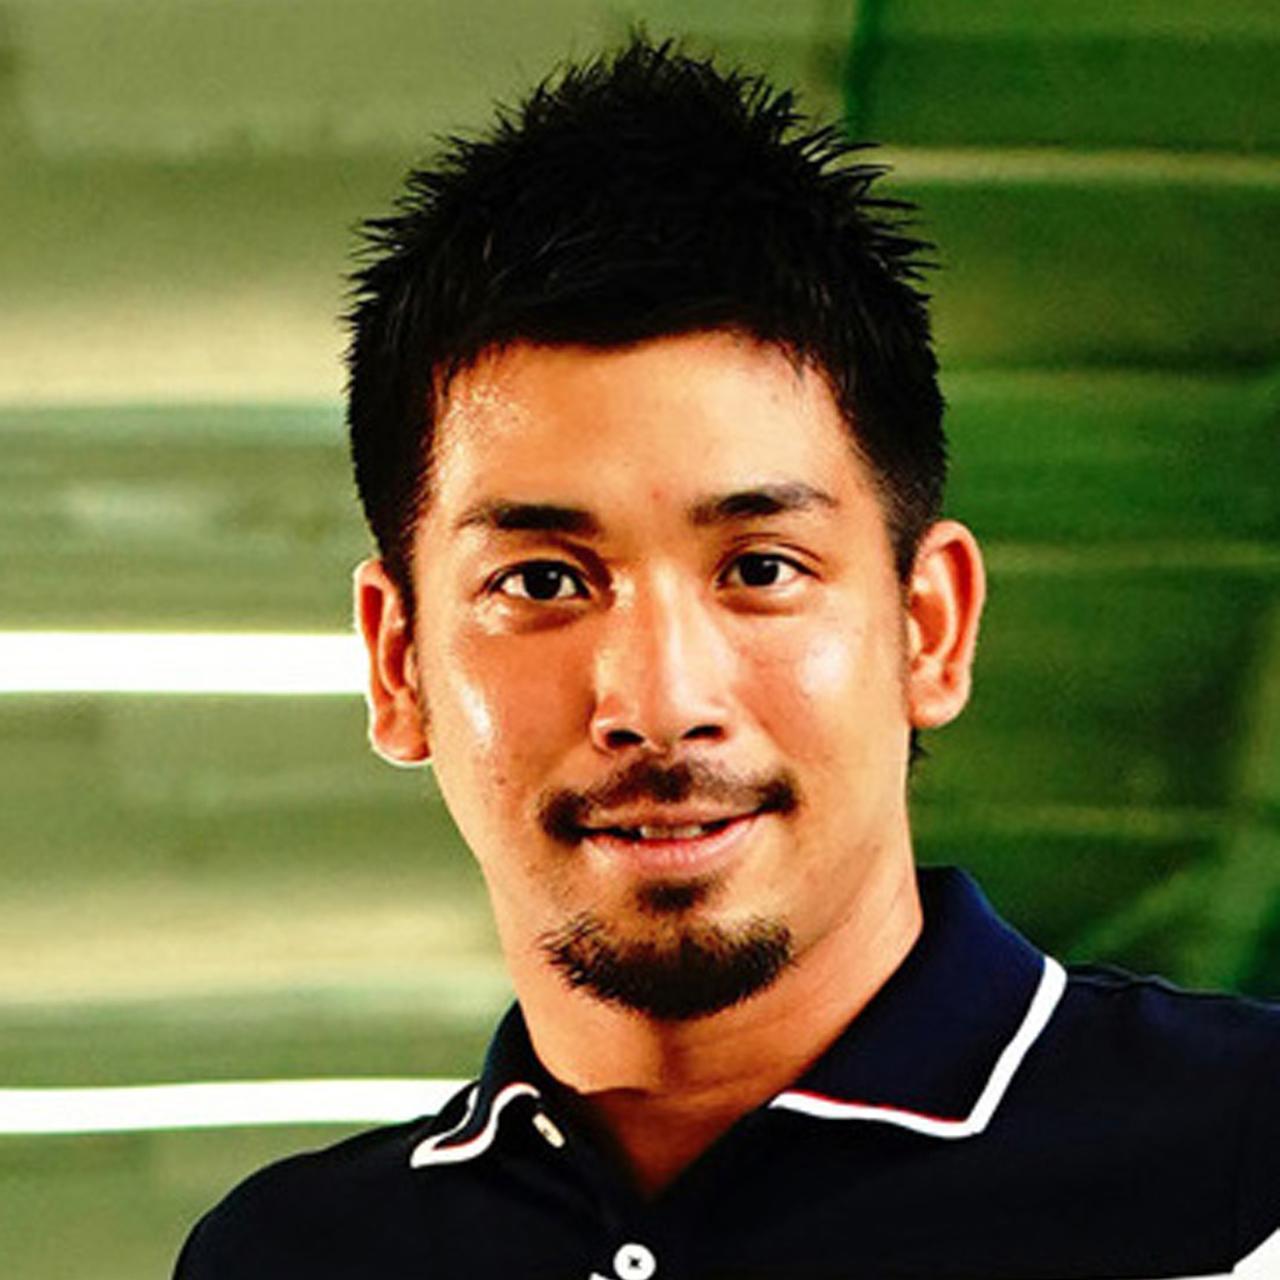 画像: 【指導】伊澤秀憲プロ いざわひでのり。1991年生まれ神奈川県出身。アマチュア目線に立ち、わかりやすいレッスンに定評がある。